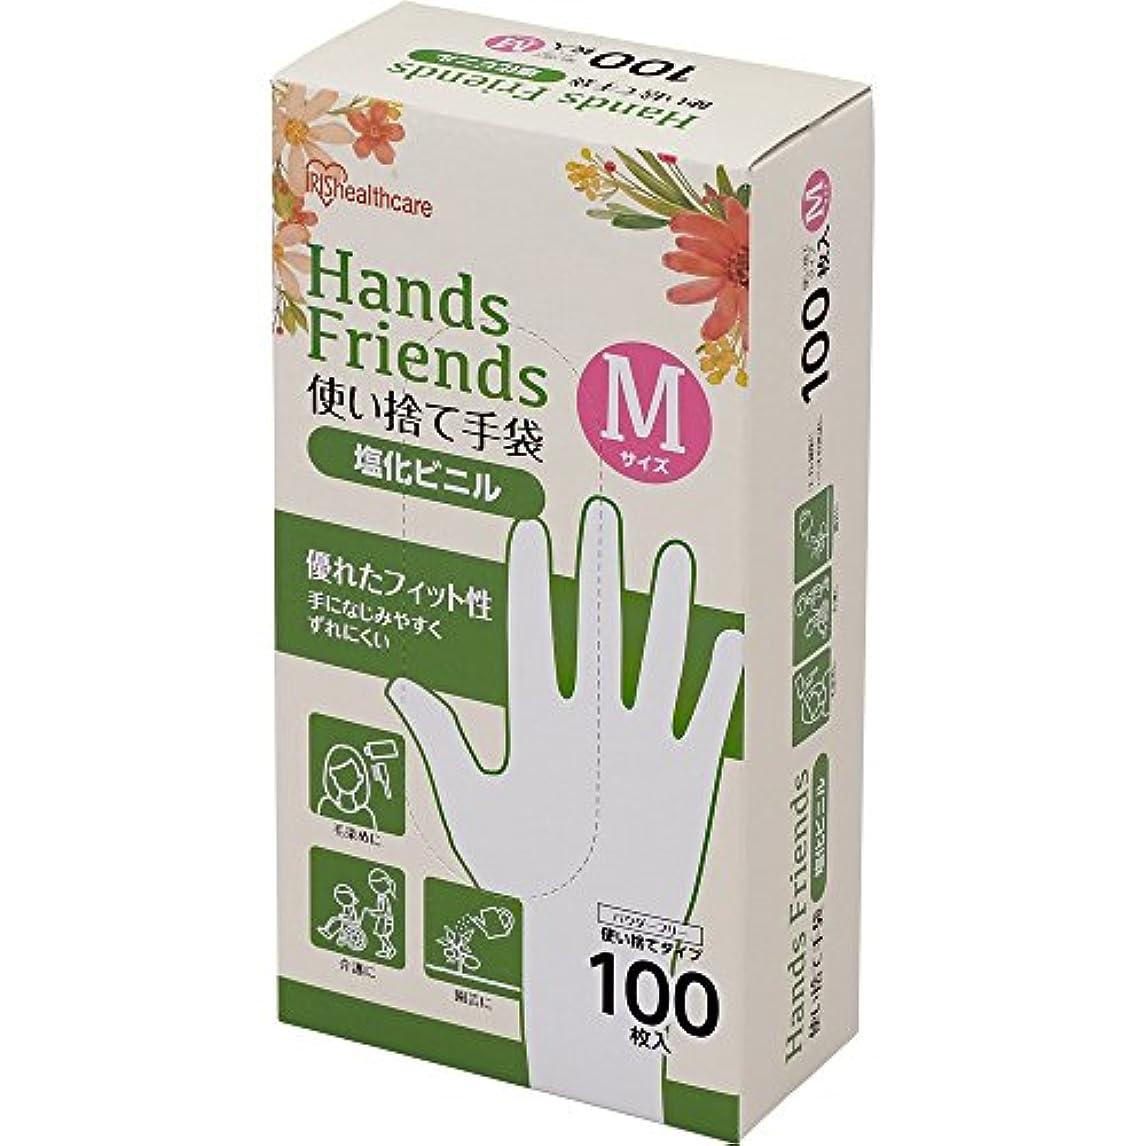 どうやってホール冷酷な使い捨て手袋 クリア 塩化ビニル 100枚 Mサイズ PVC-100M